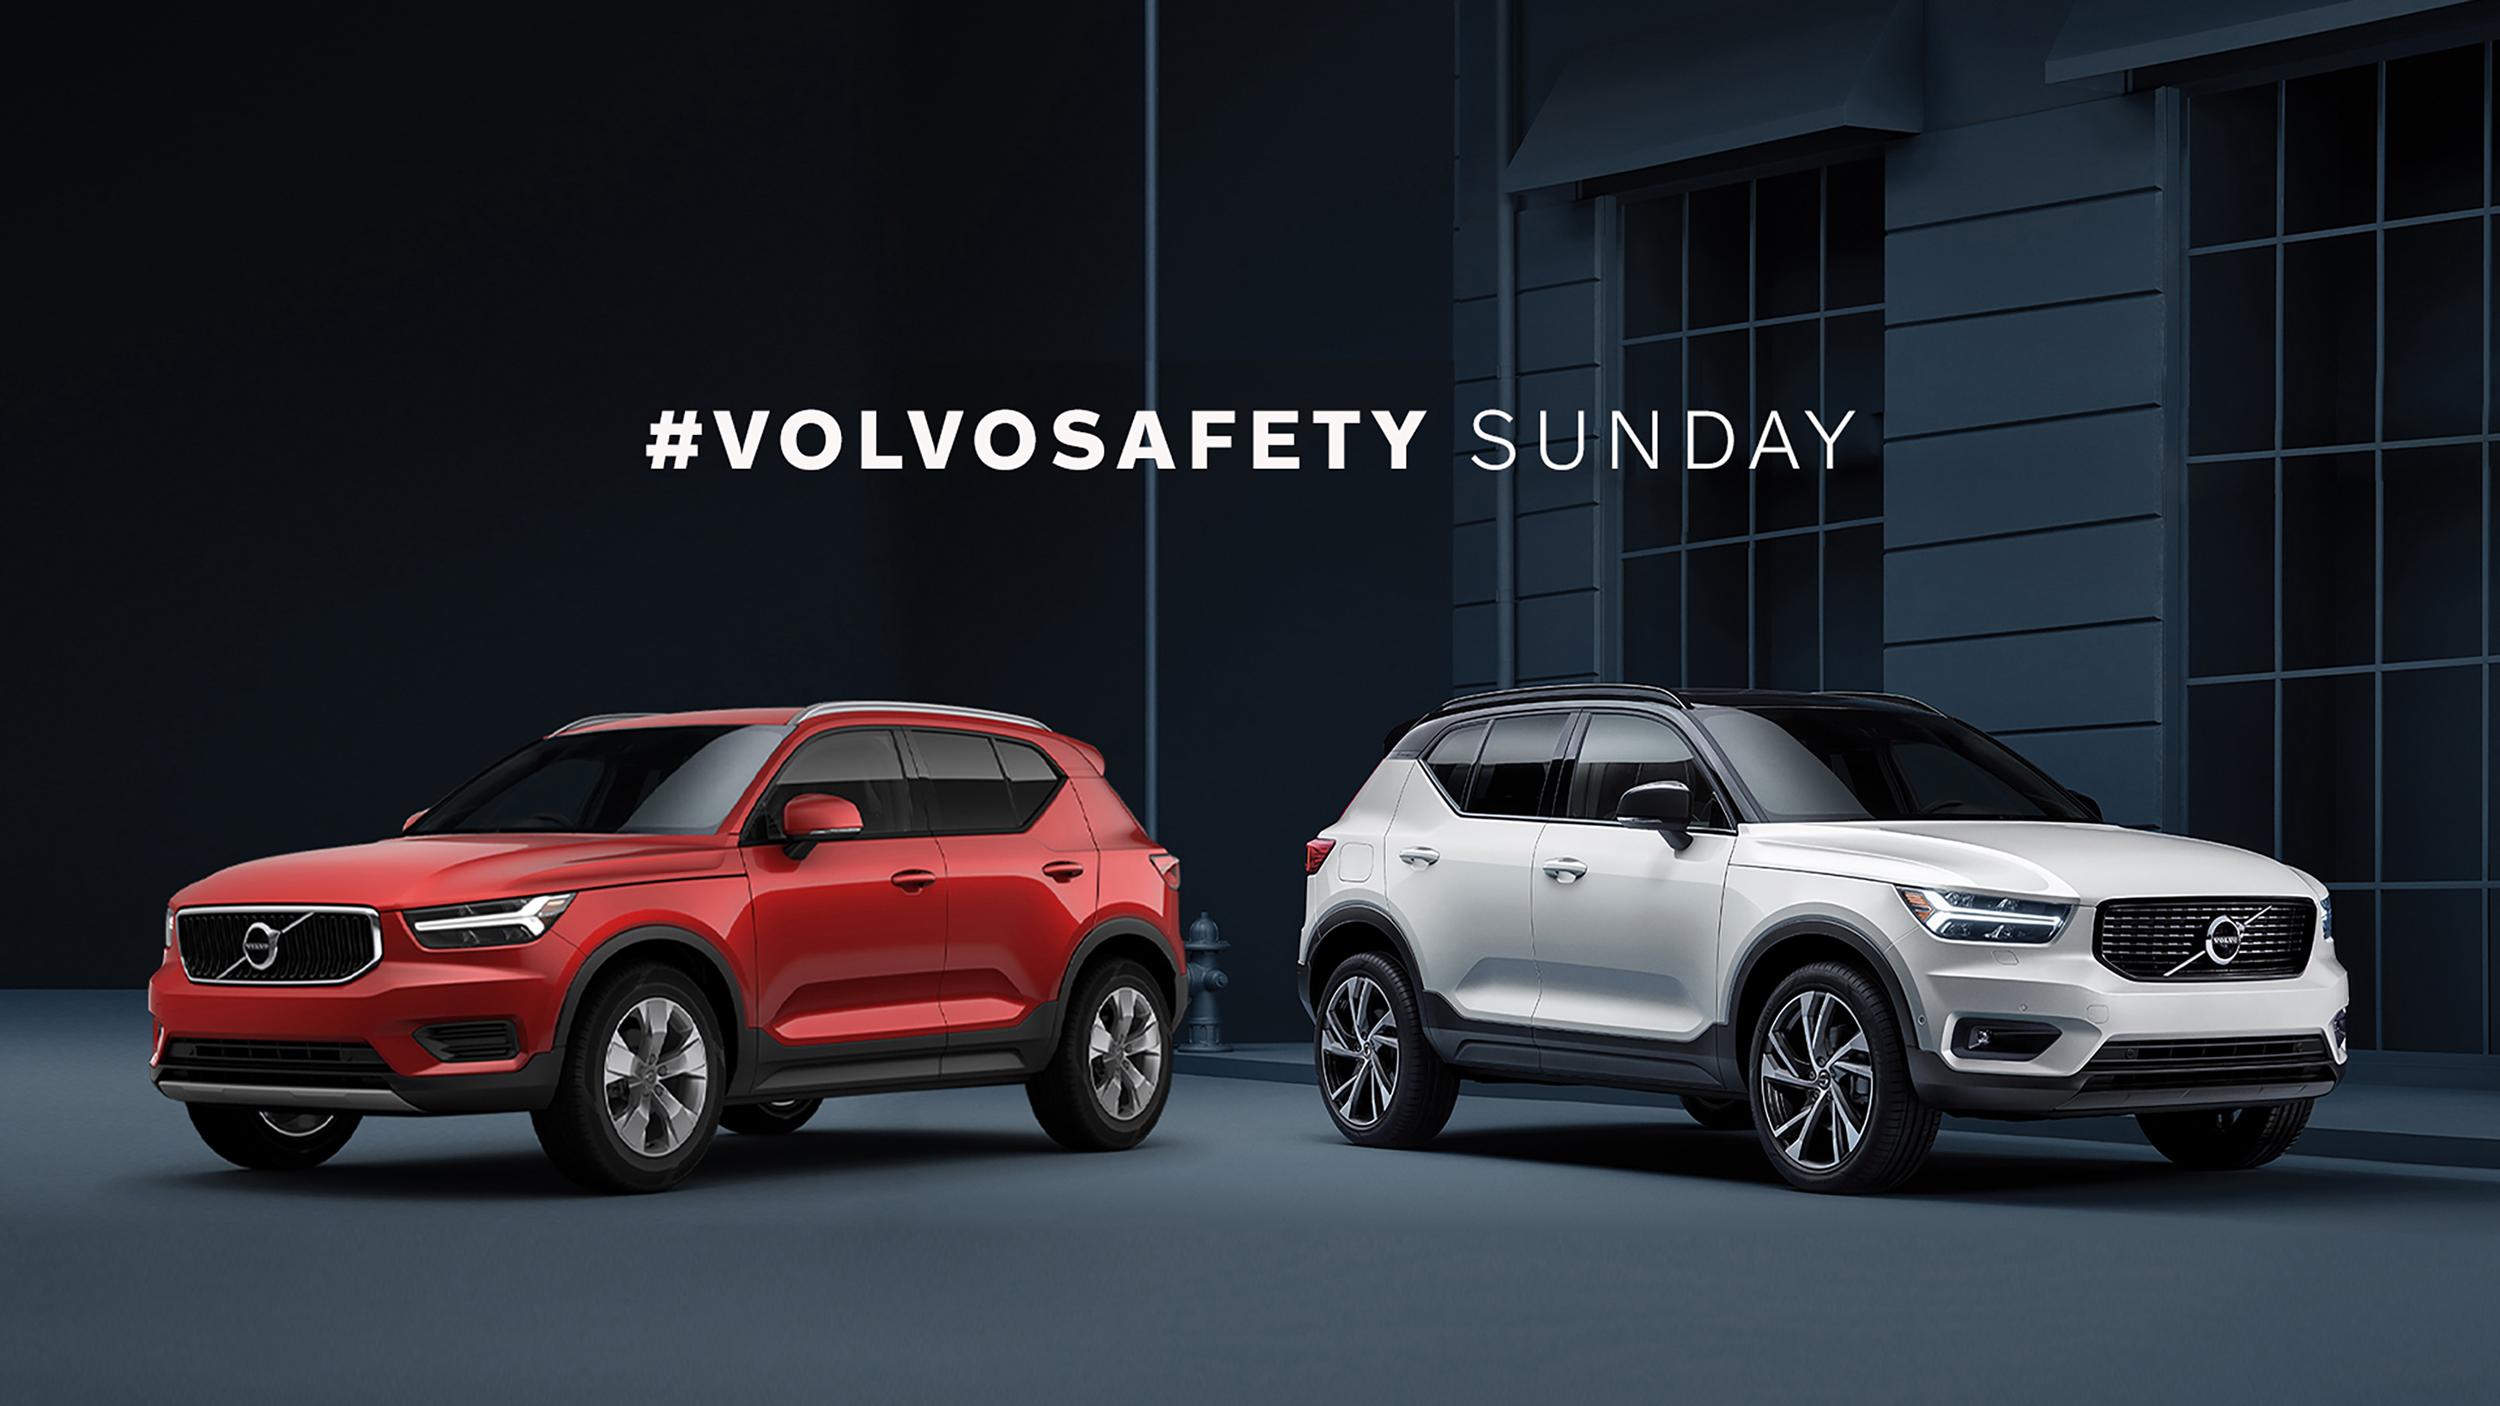 Volvo vai oferecer carros durante a final do Campeonato da NFL